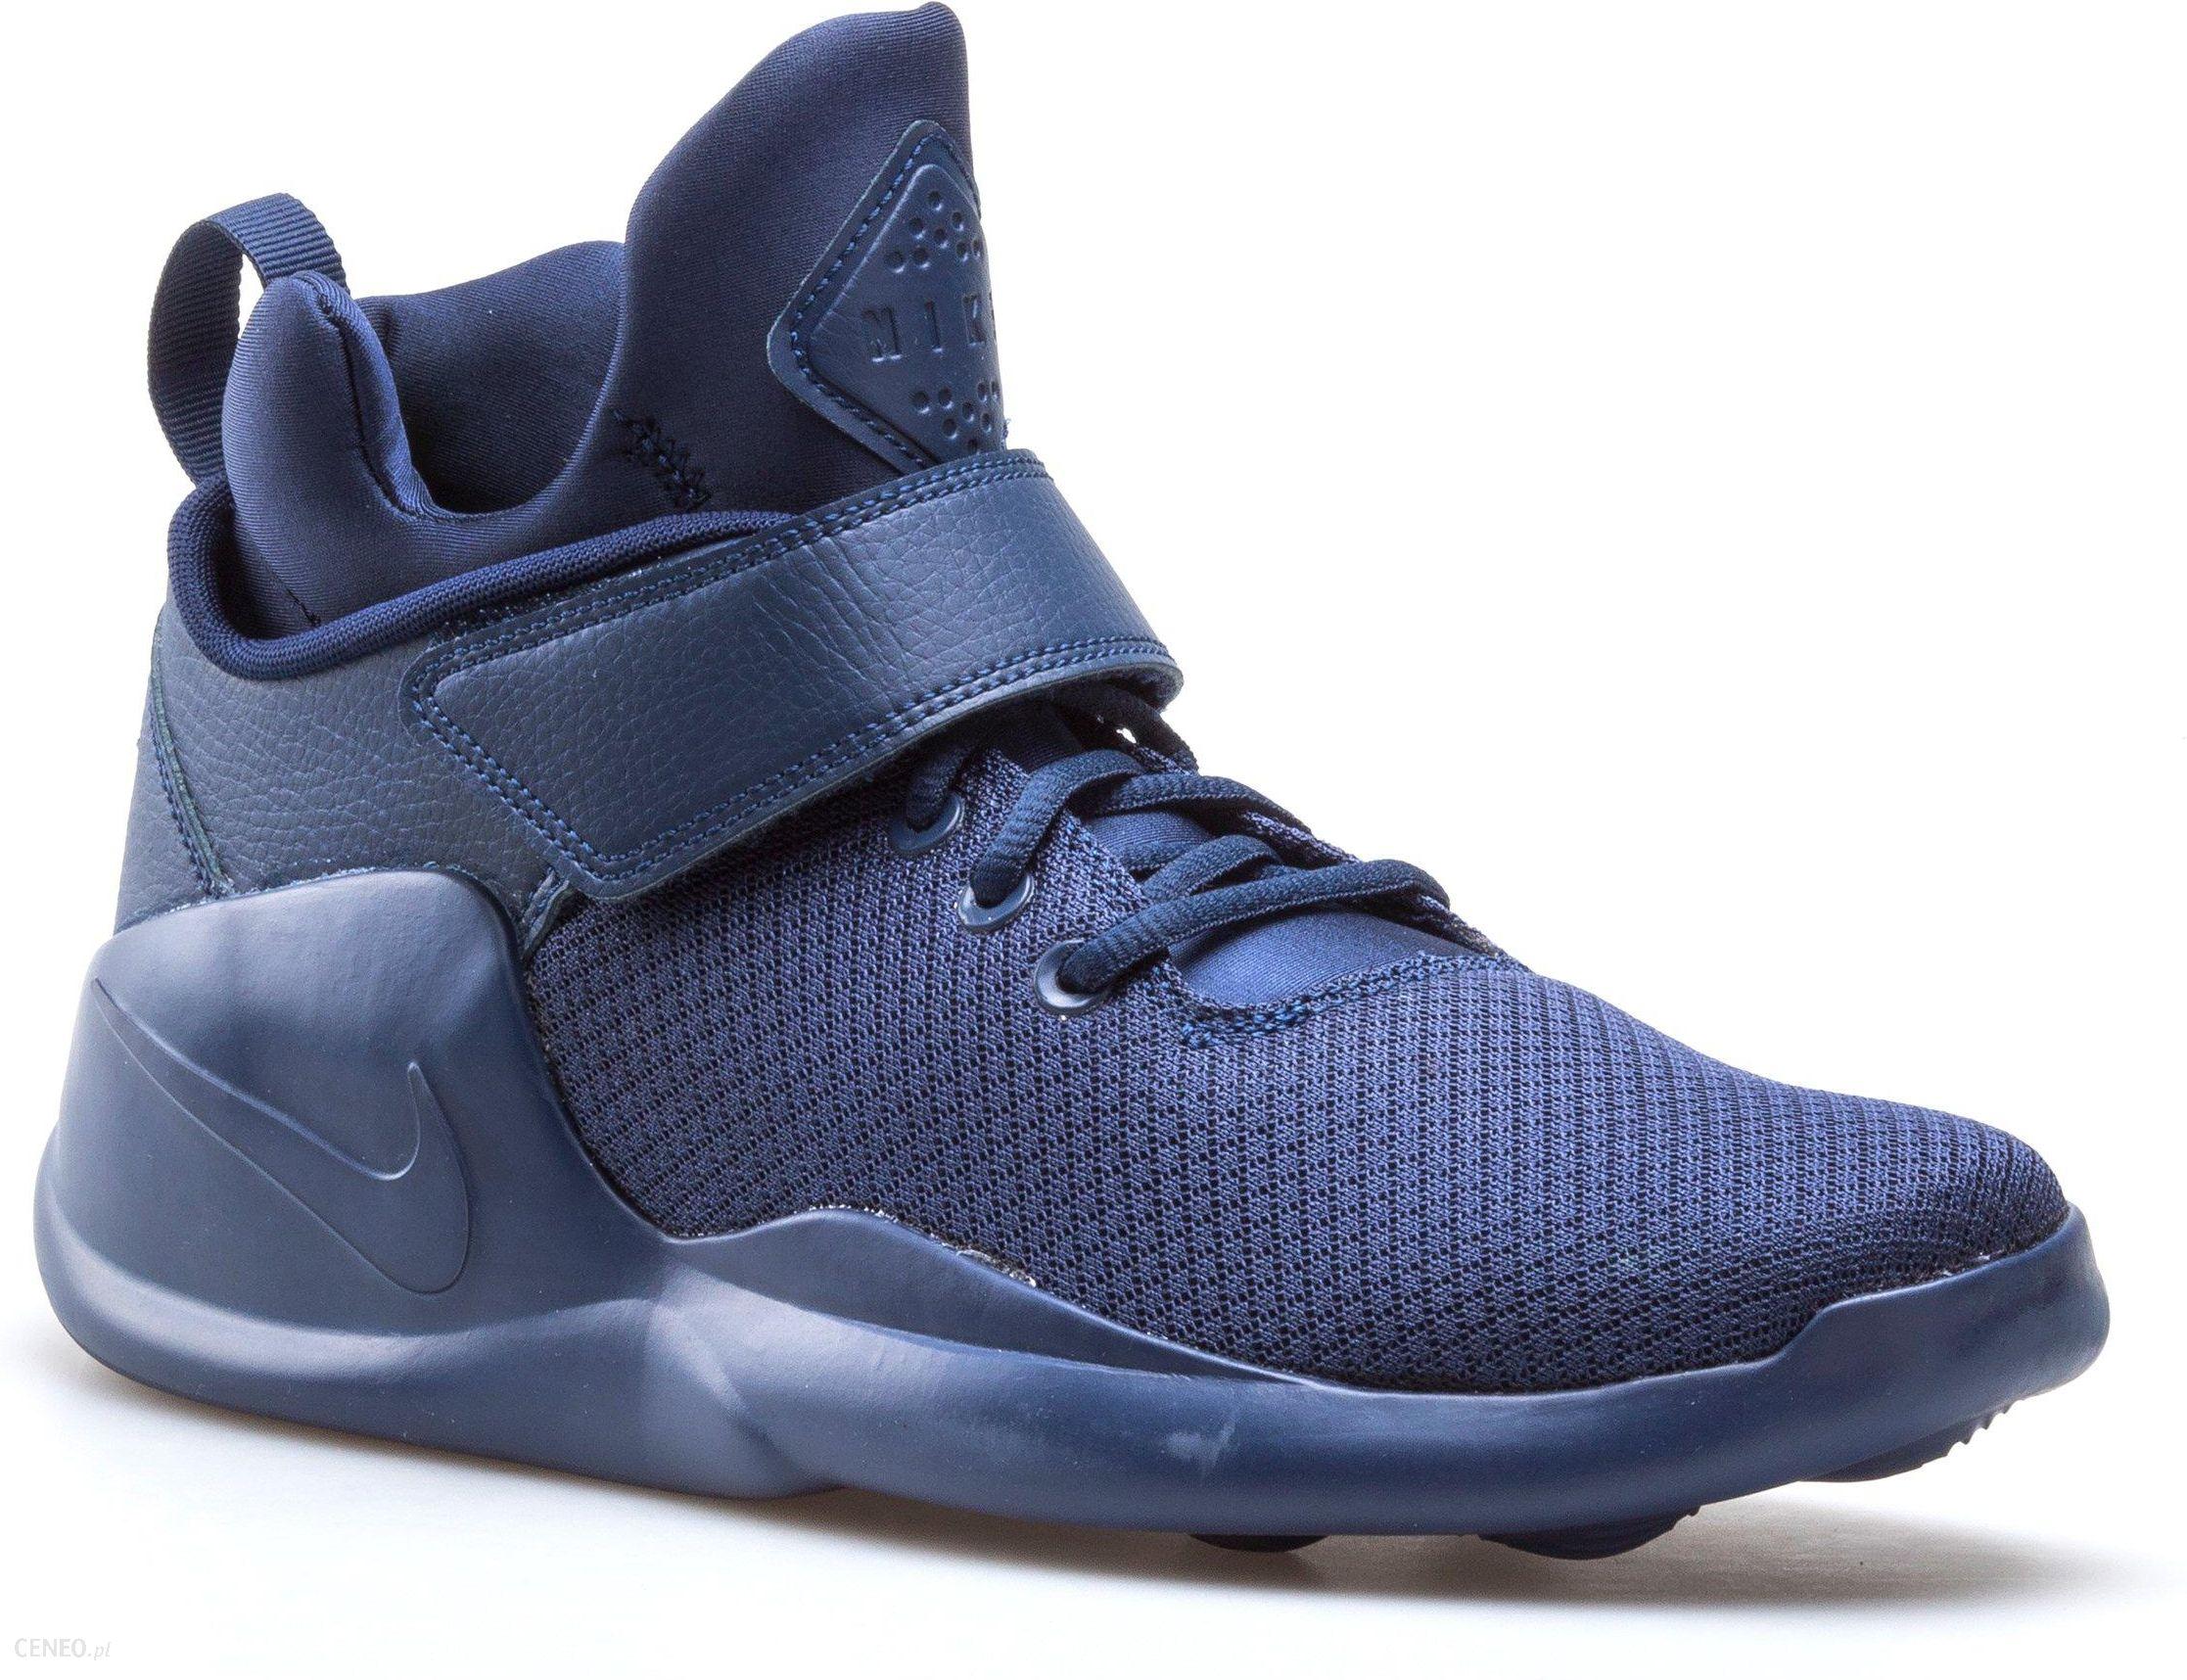 80631841 Buty męskie Nike Kwazi 844839-440 r. 45 - Ceny i opinie - Ceneo.pl